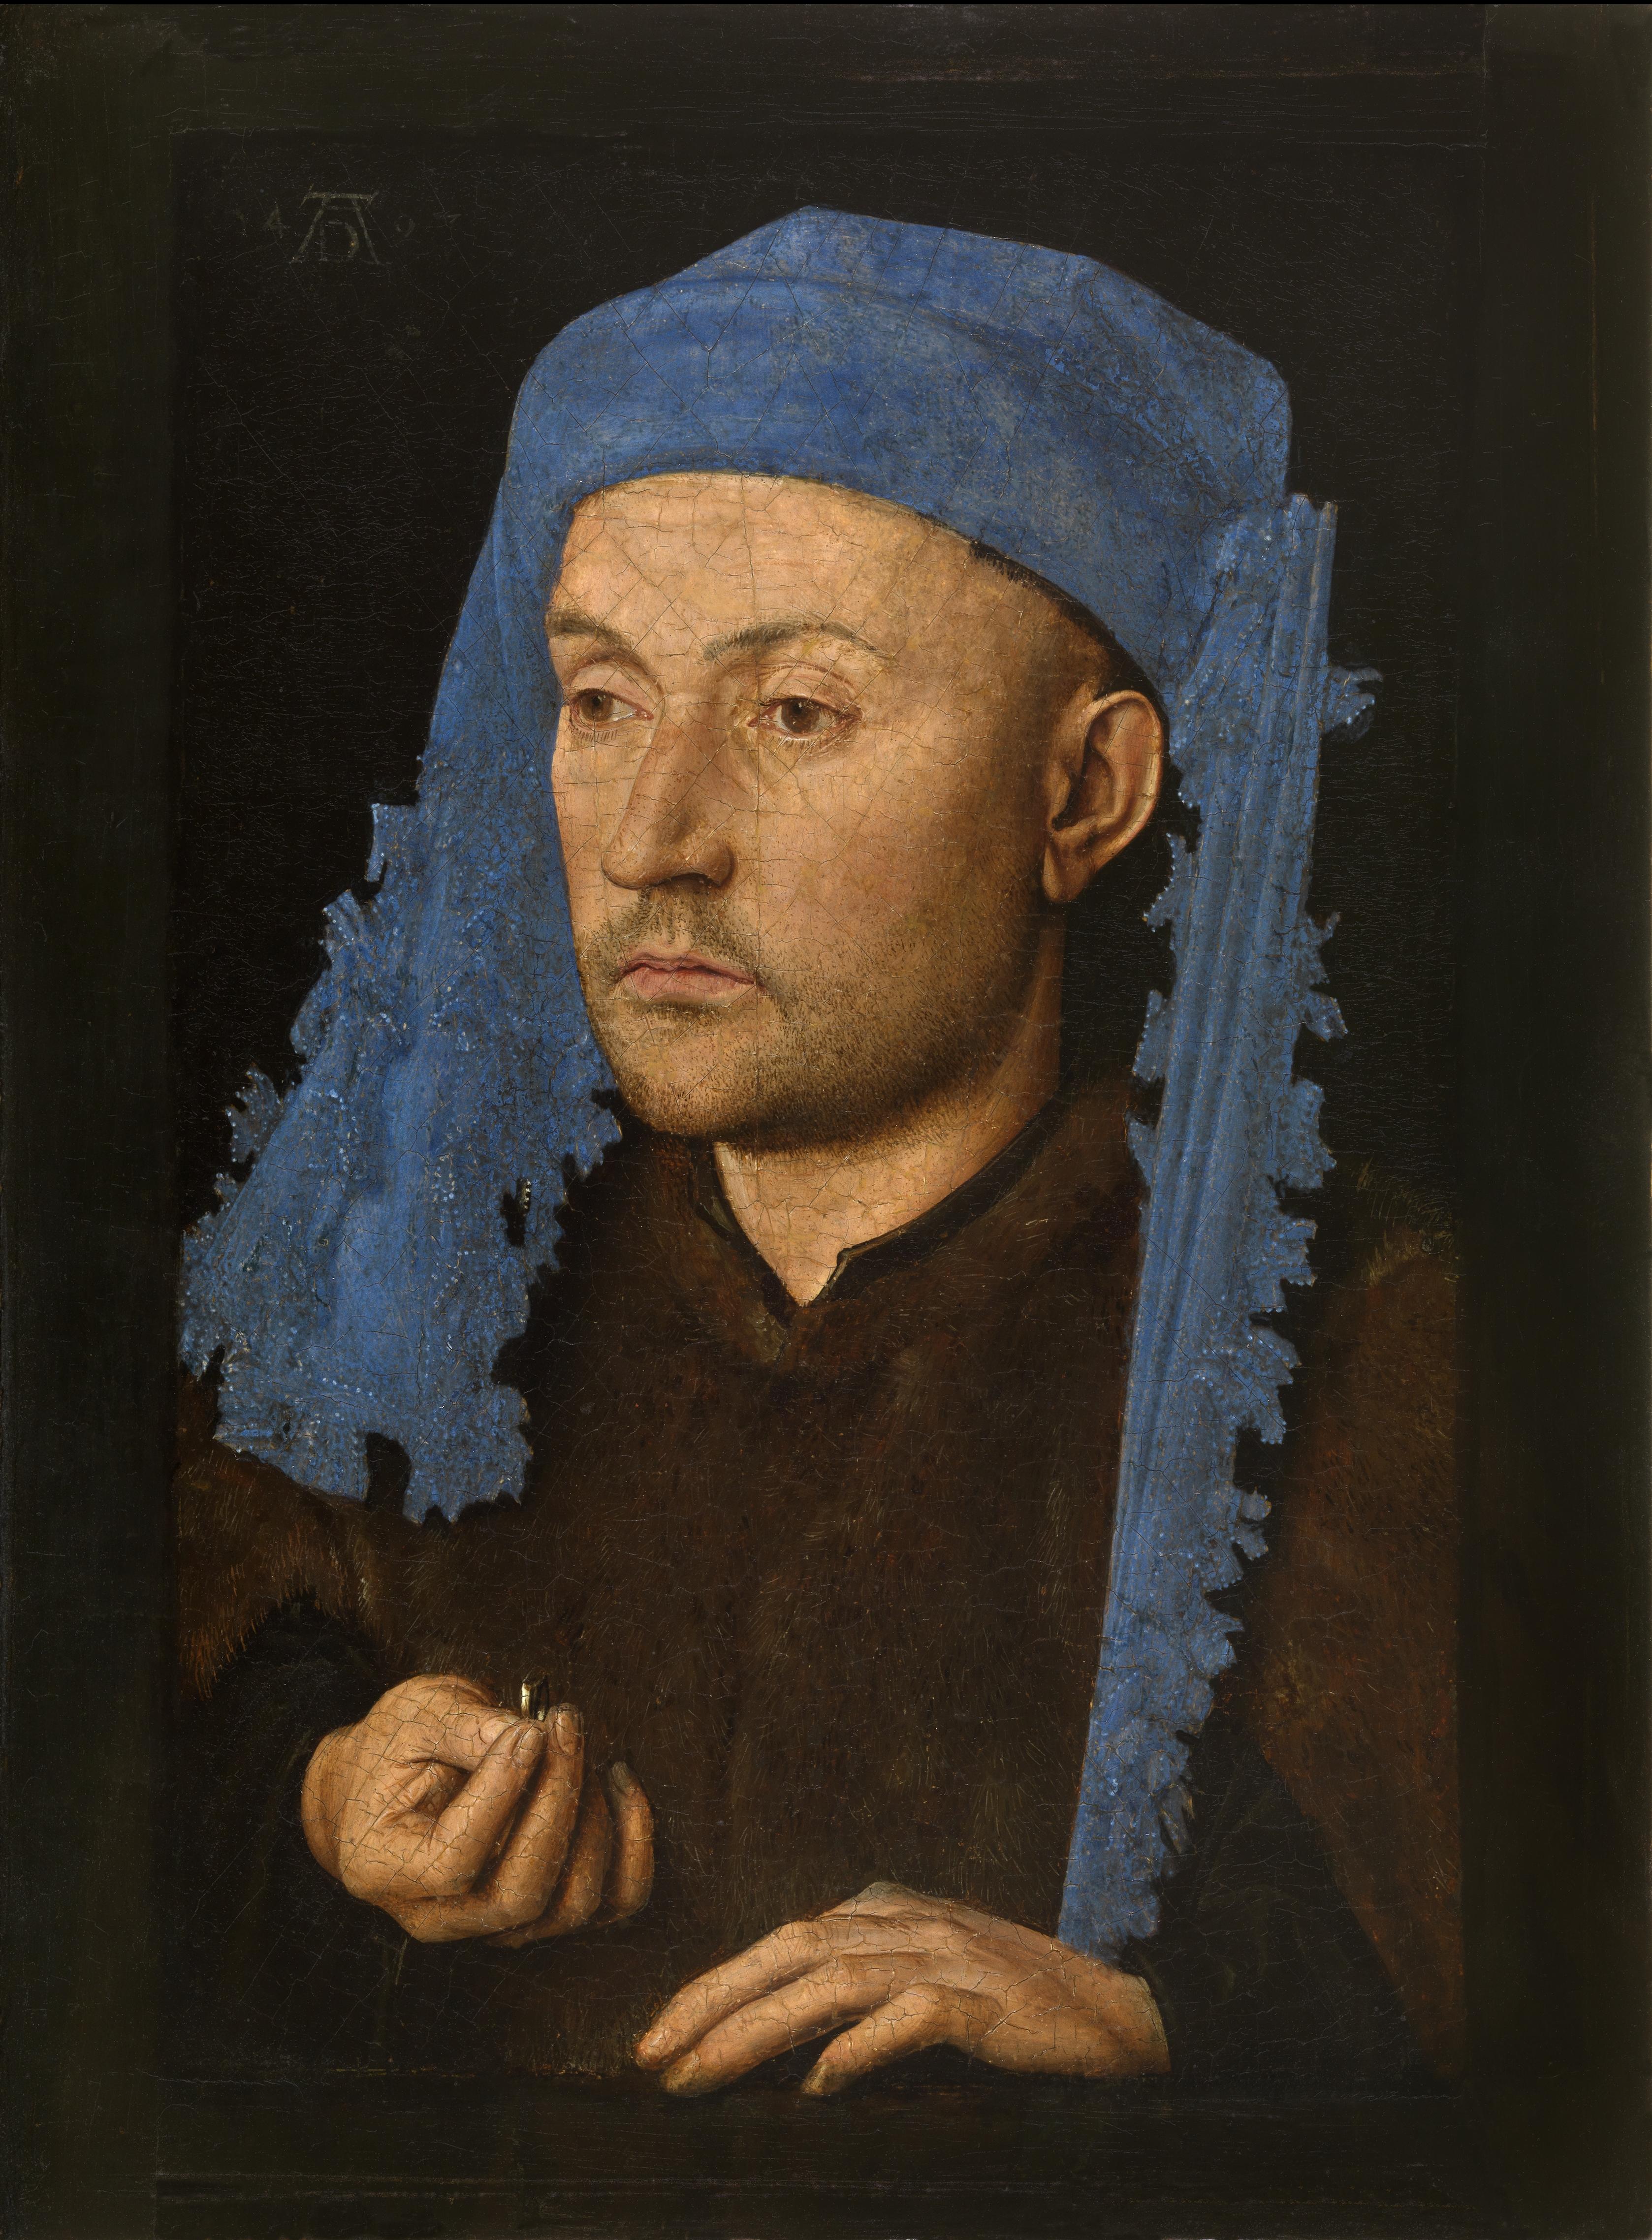 05-portret-van-een-man-met-blauwe-kaproen